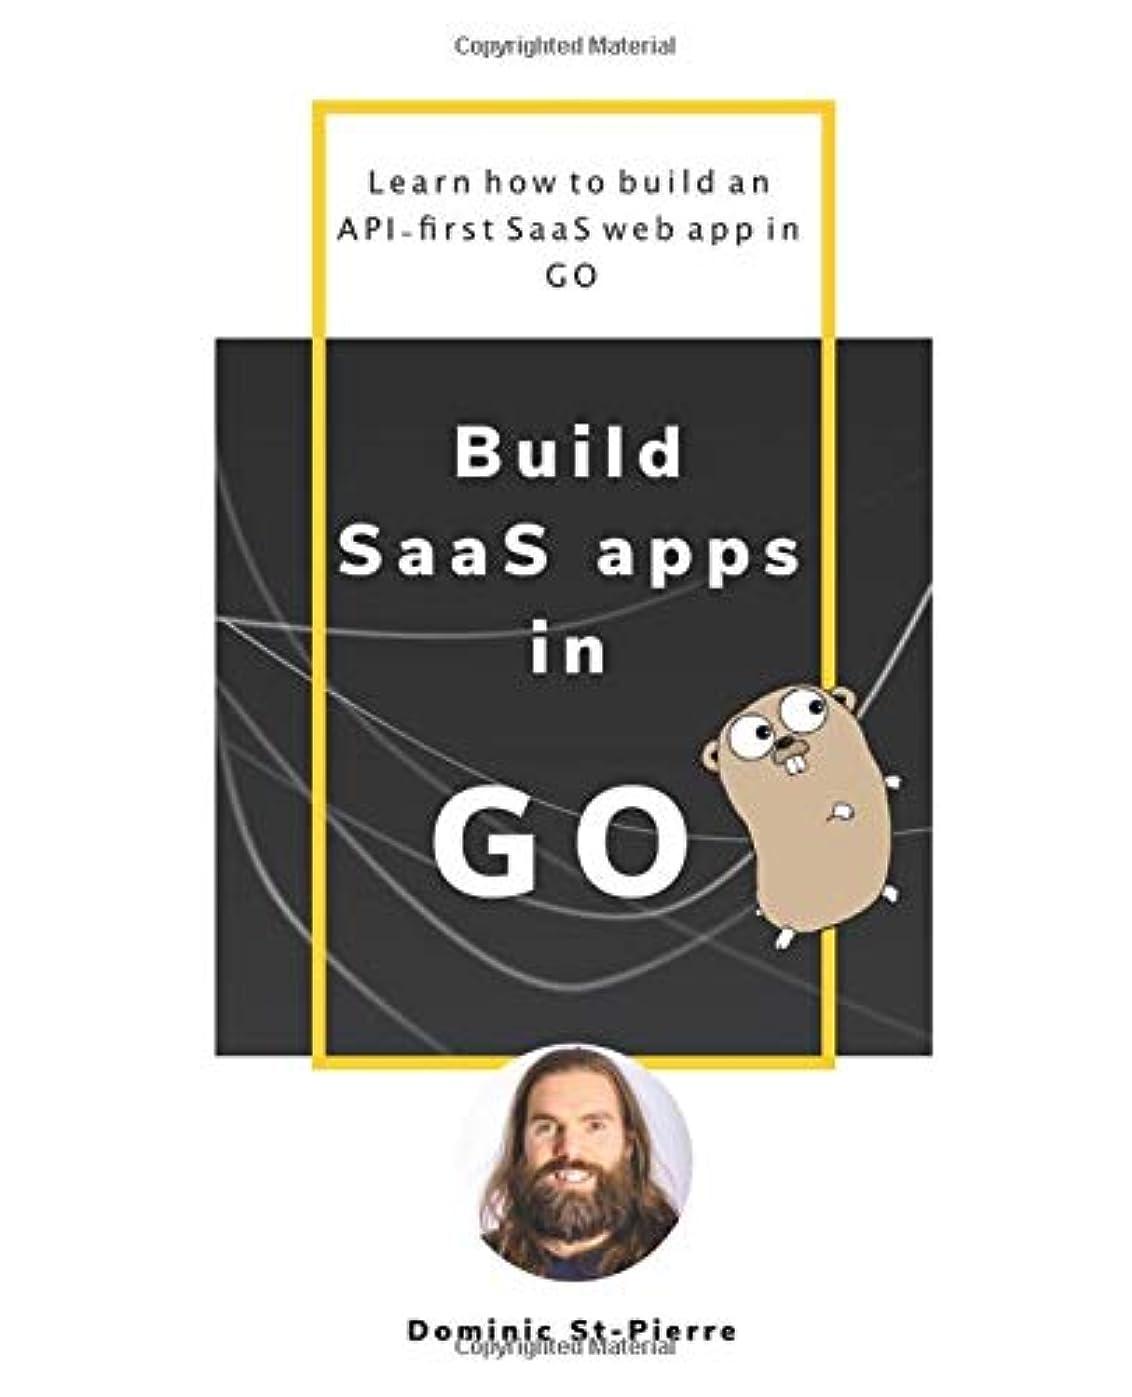 眩惑する漂流フックBuild SaaS apps in Go: Learn how to build an API-first SaaS / web application